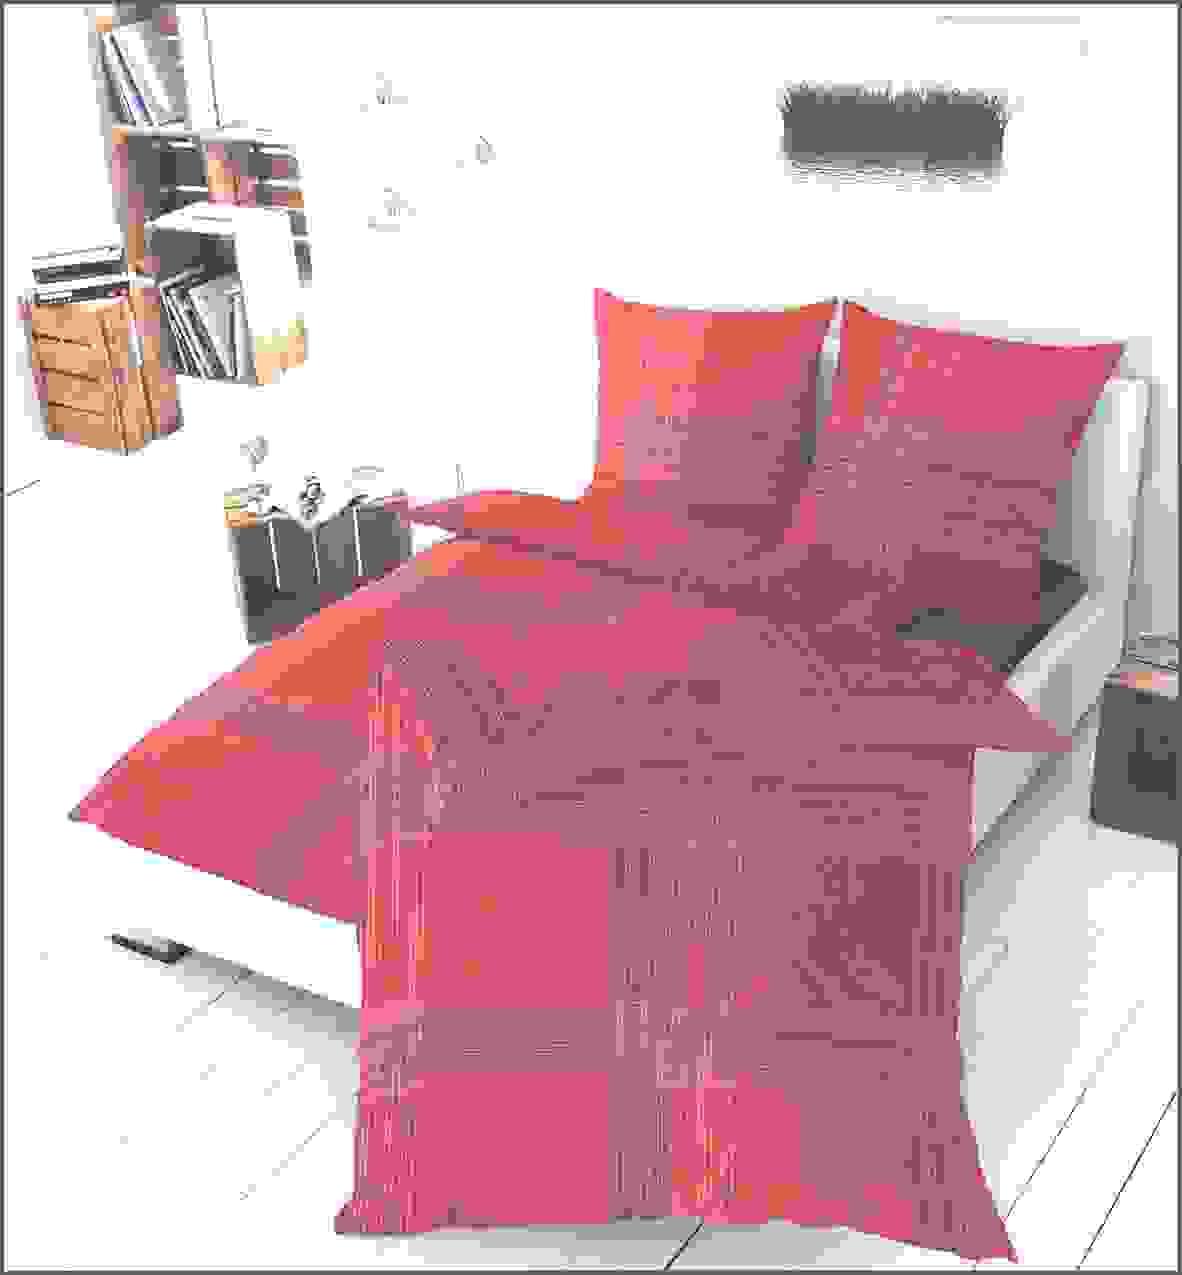 Mako Satin Bettwäsche Aus Baumwolle 135 X 200 80 X 80 Cm In Rot Von von Bierbaum Bettwäsche Mako Satin 135X200 Bild